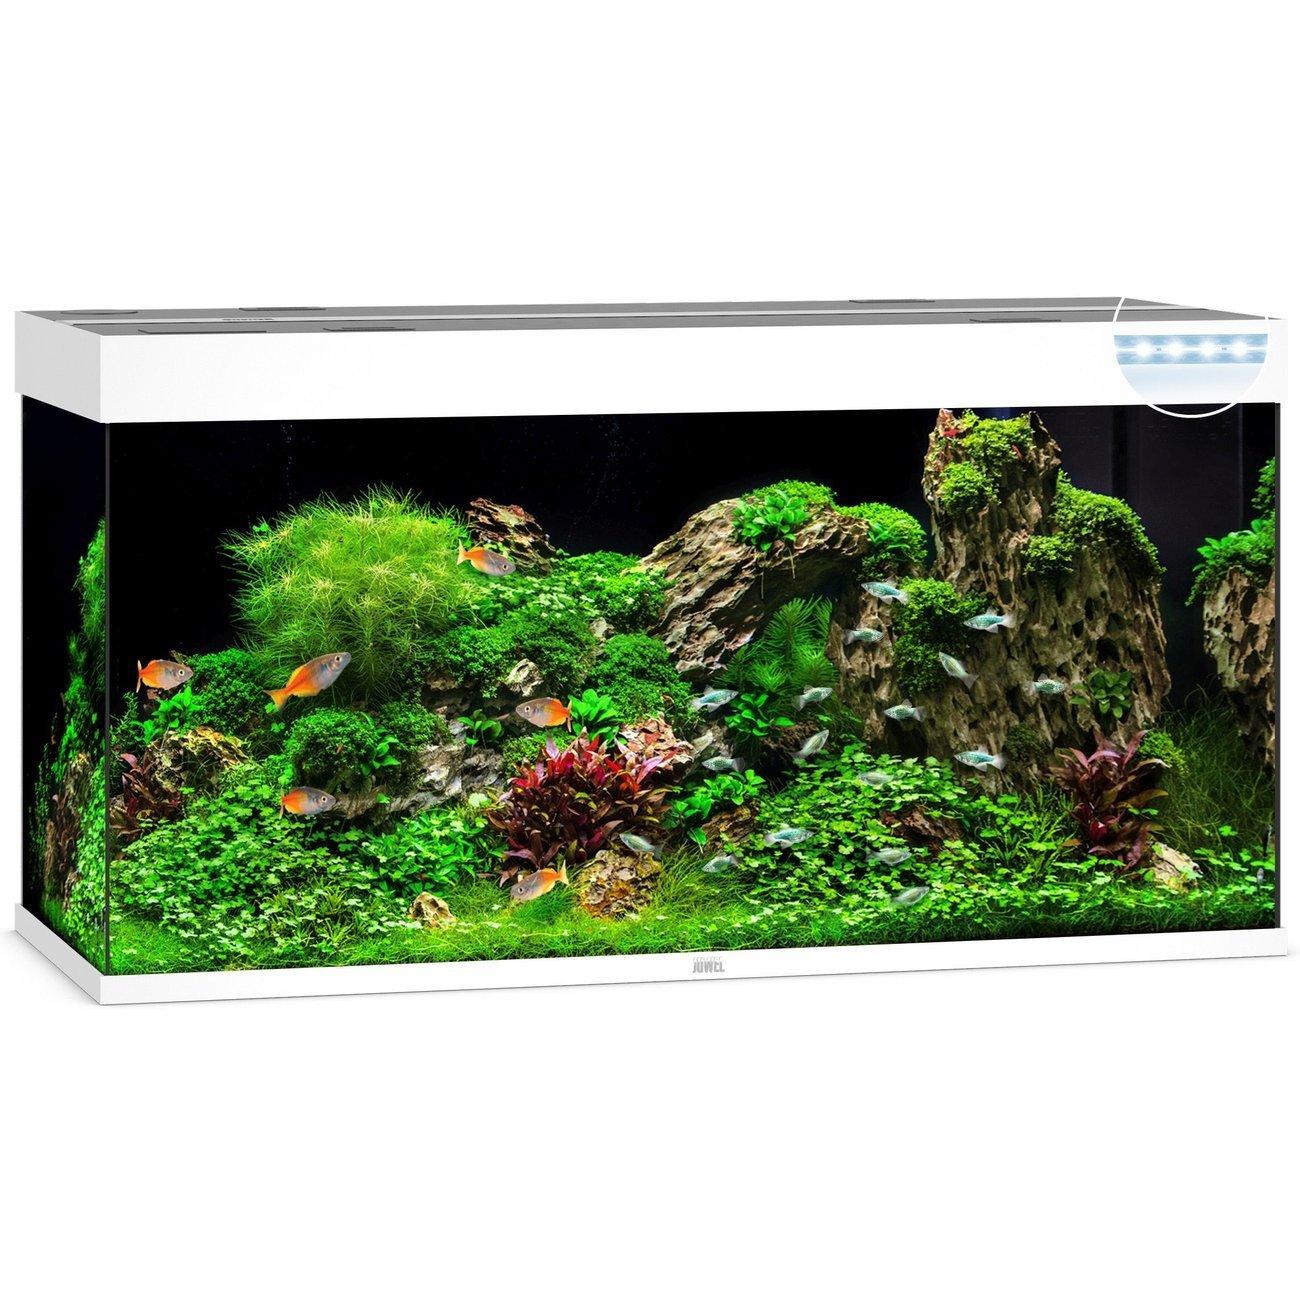 Juwel Rio 350 LED Aquarium, Bild 4